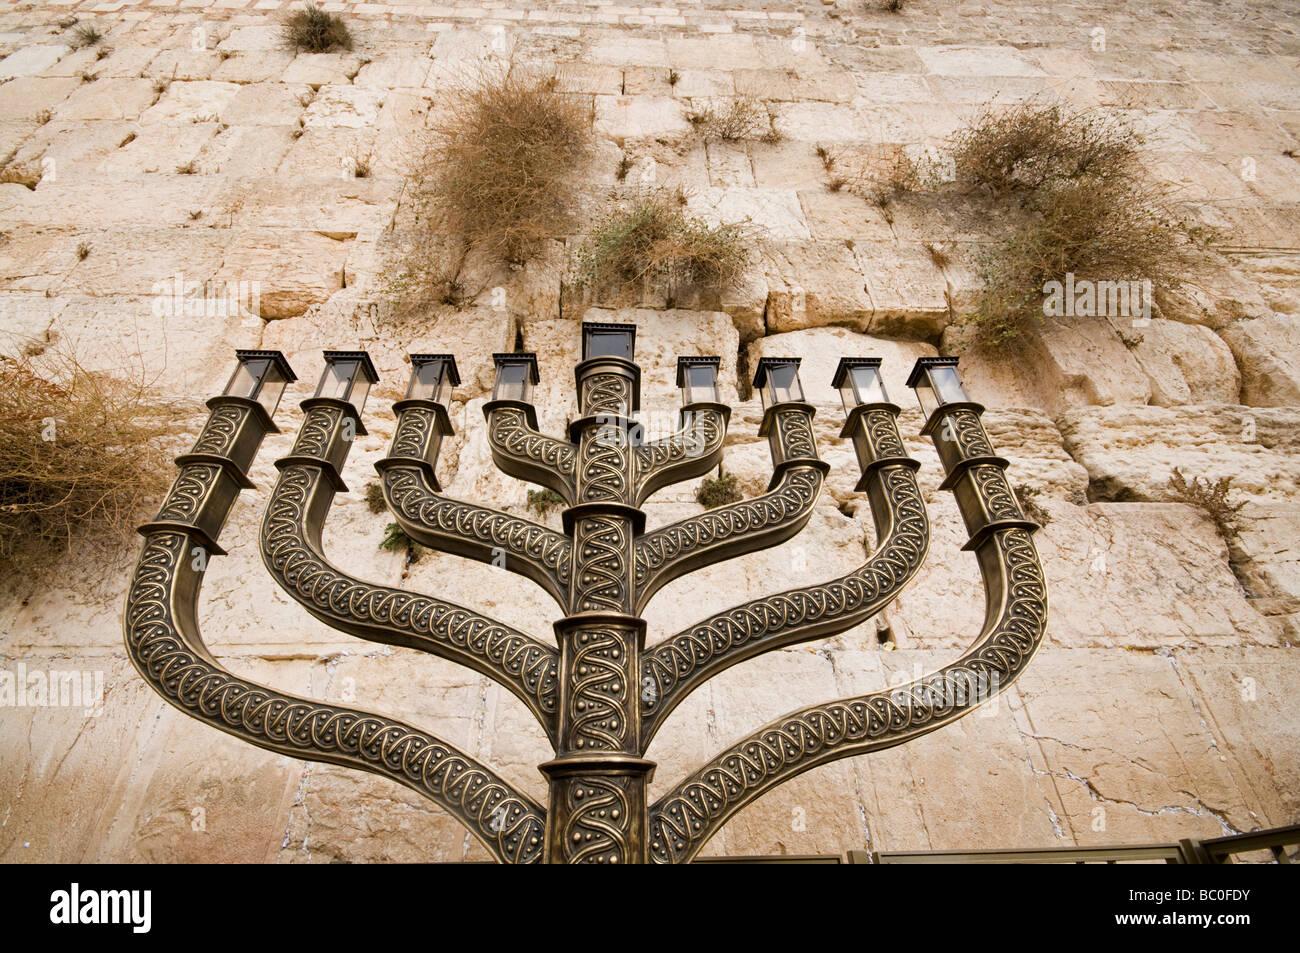 Wailing Wall Hanuka Chandelier at Wailing Wall Jerusalem - Stock Image